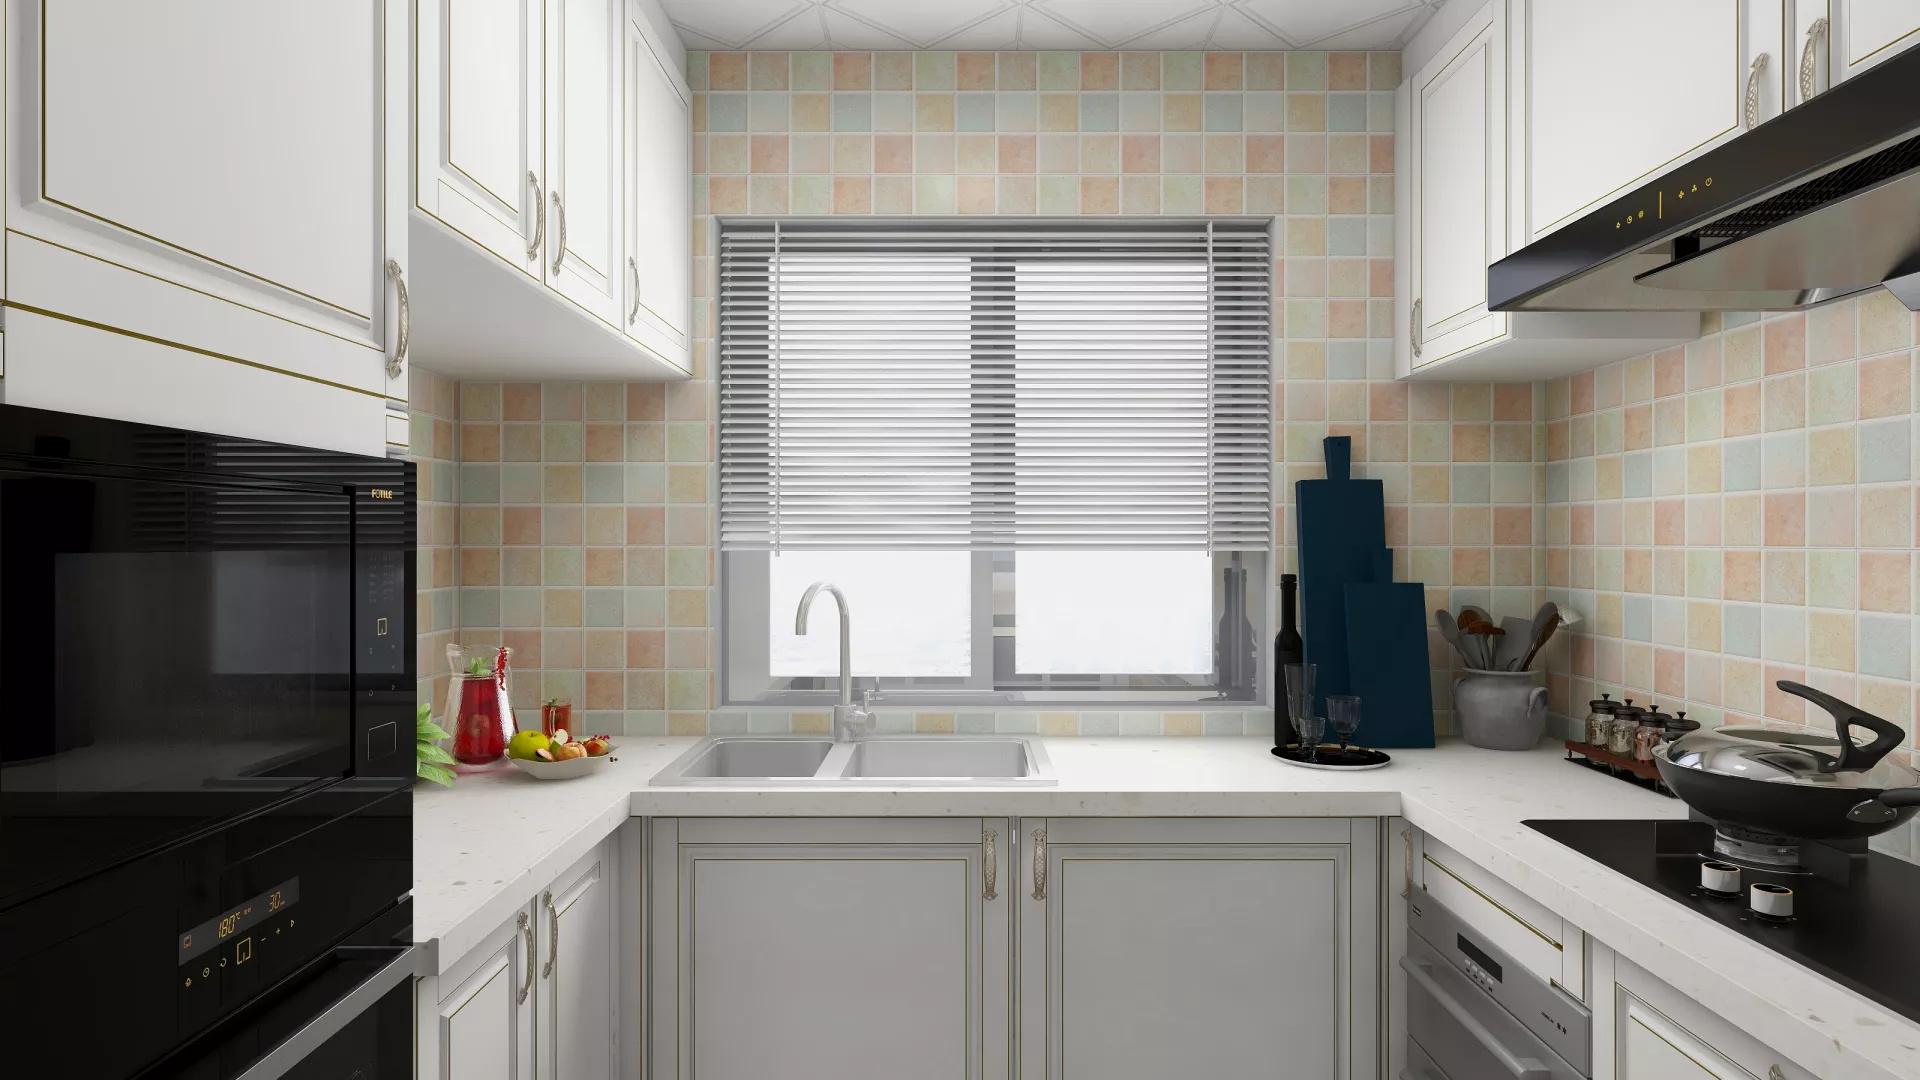 三居室简约风格家居装修效果图